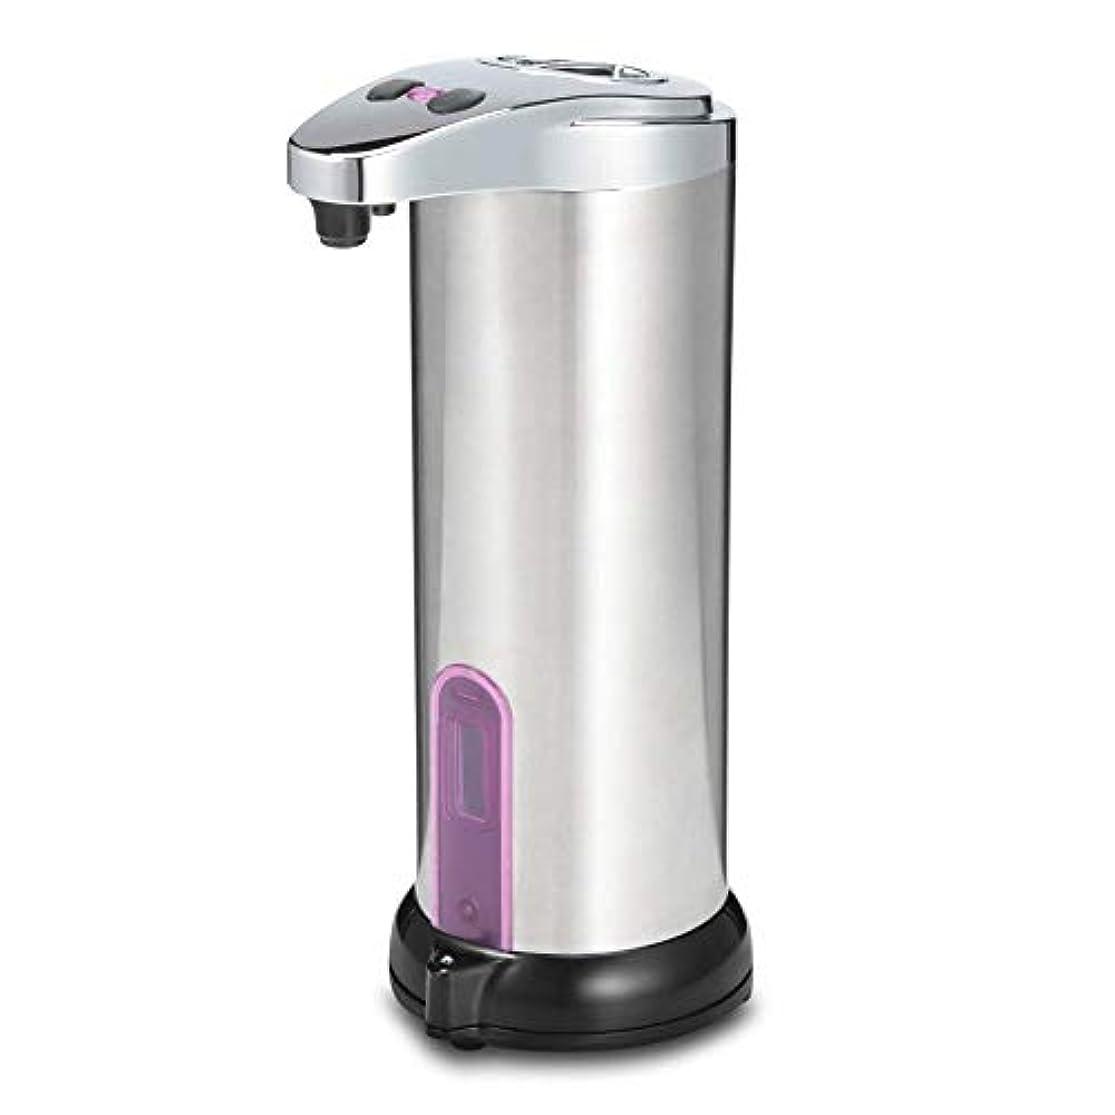 答えハングピストル280ミリリットル自動液体石鹸ディスペンサー赤外線センシング誘導タッチレスサニタイザー浴室ディスペンサースマートセンサー用住宅